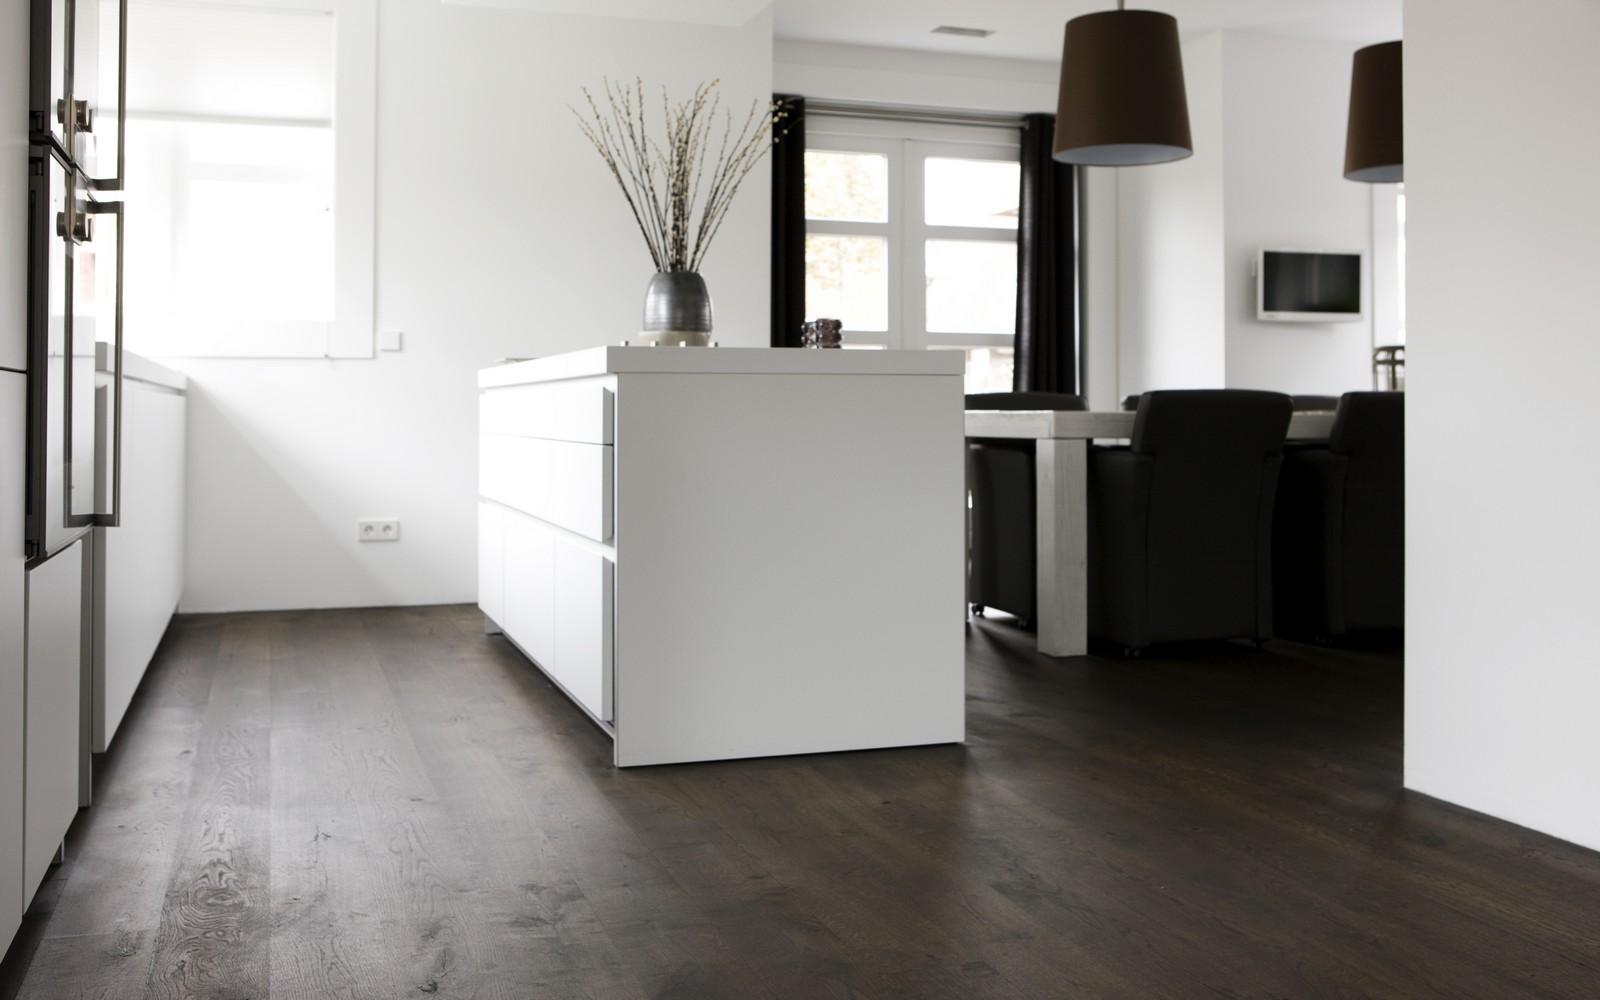 Donkere vloer witte keuken tg wonen woonmagazine - Witte keuken en hout ...